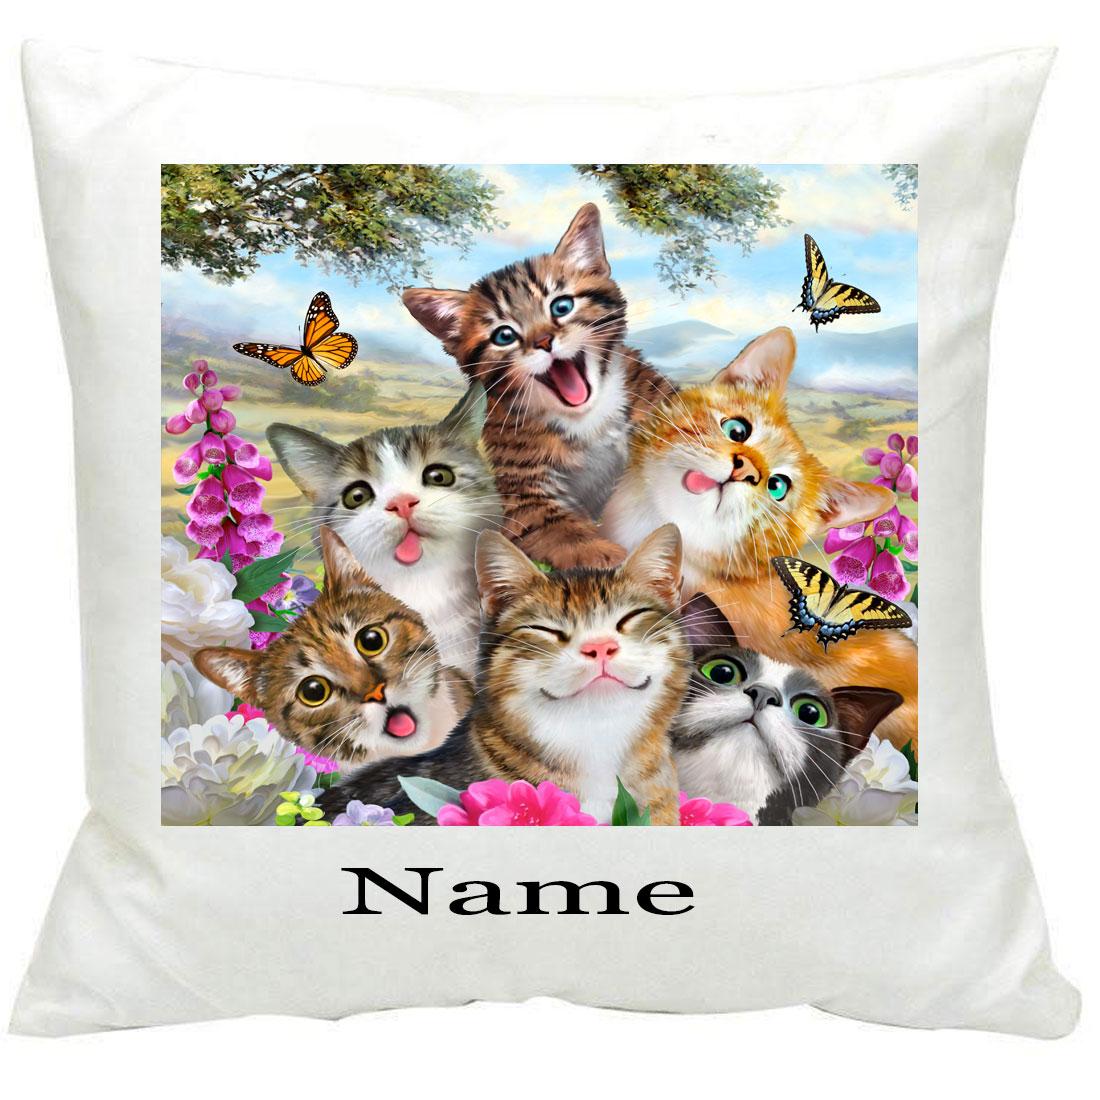 Personalised886 Cat Selfie Printed Cushion